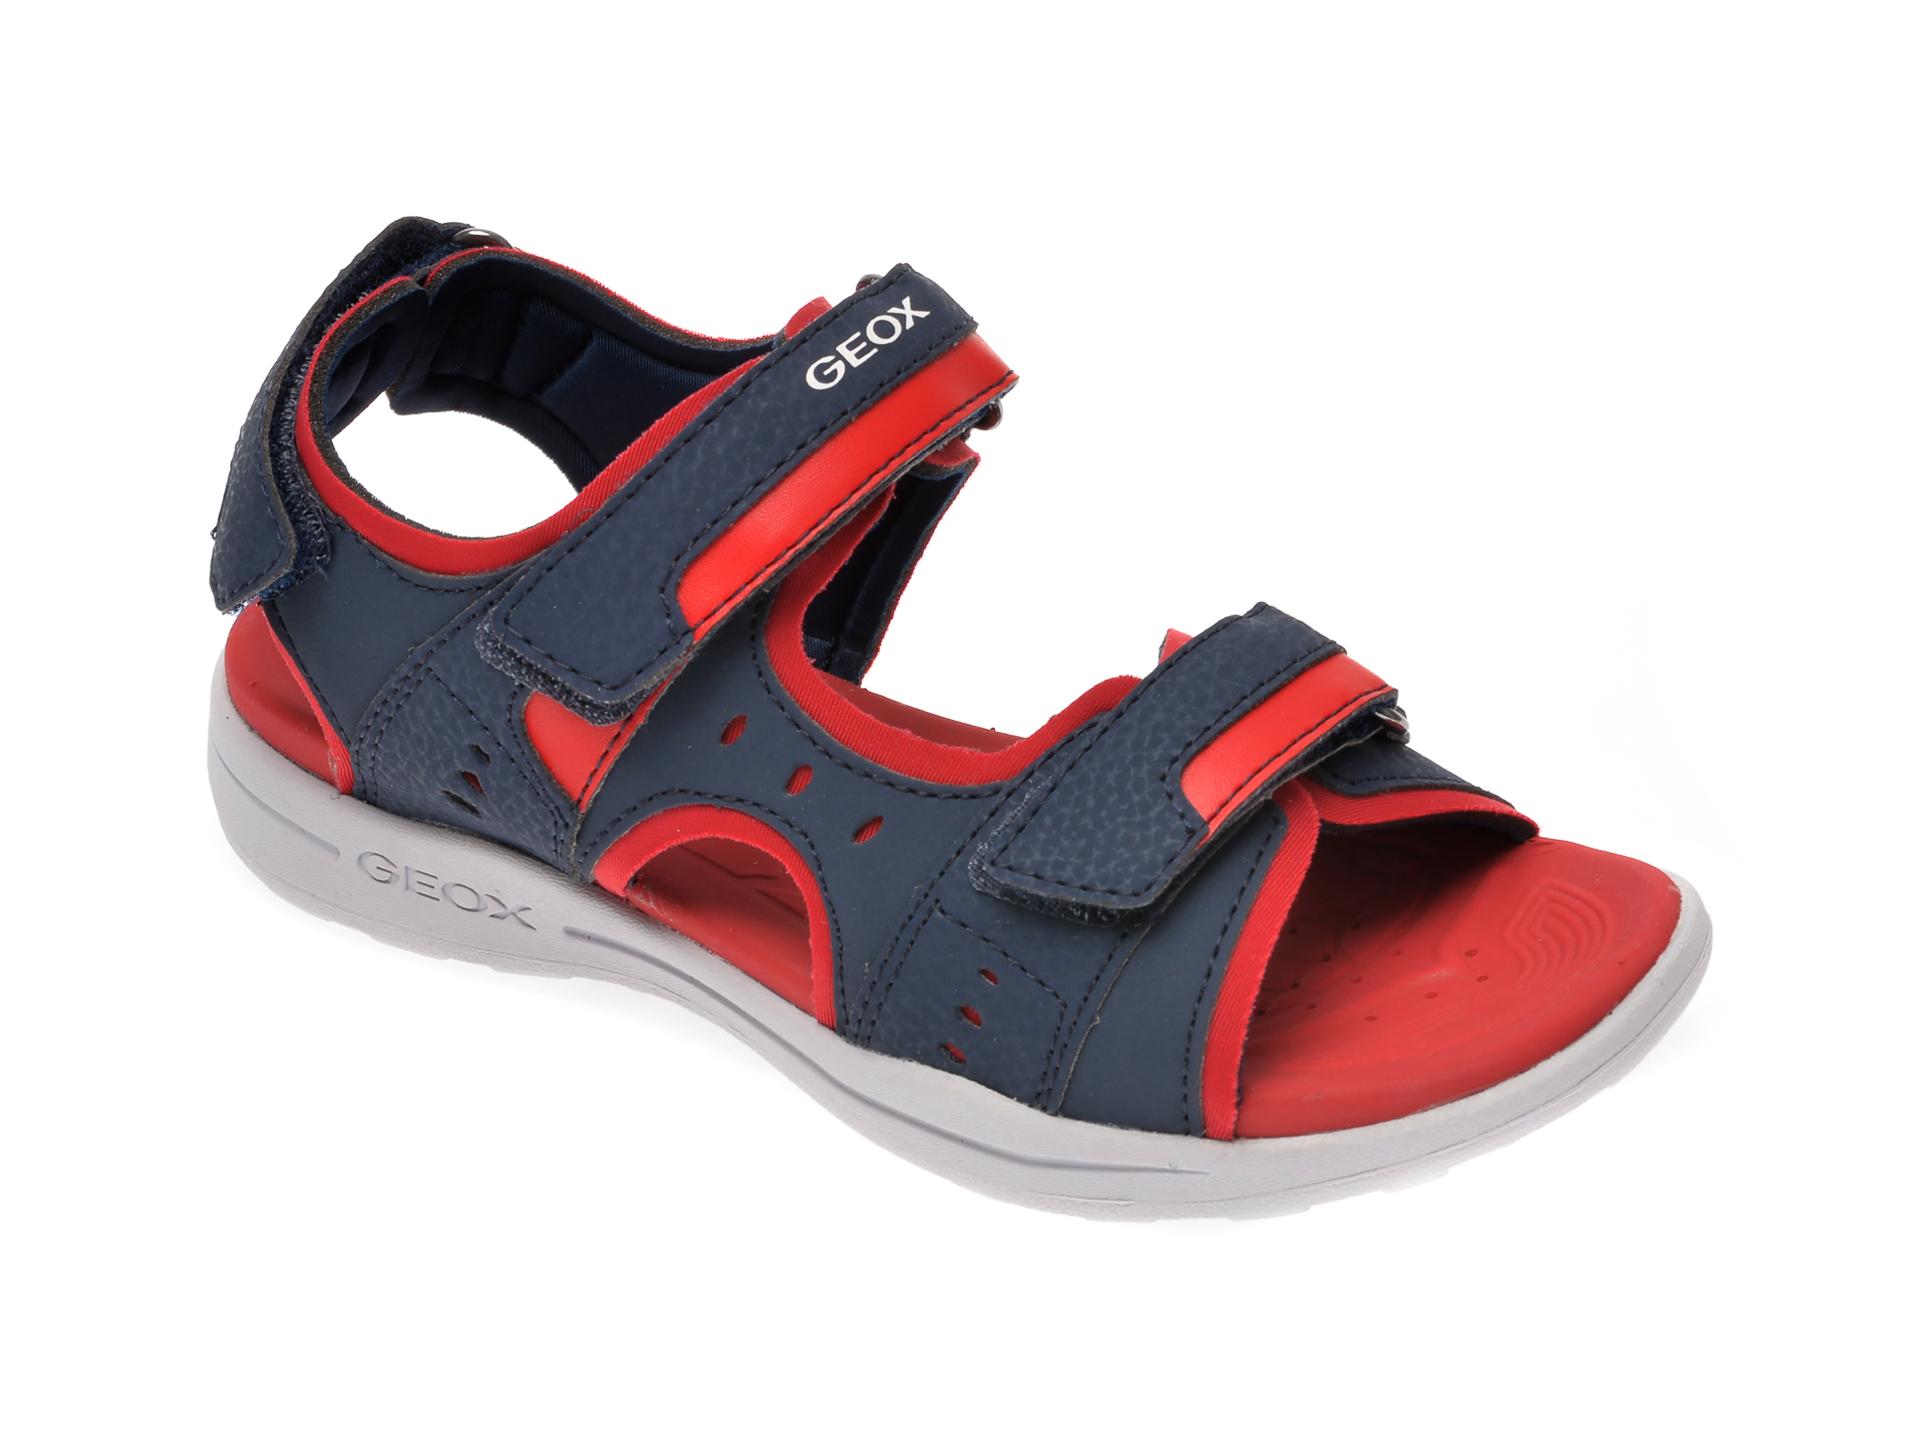 Sandale GEOX bleumarin, J025XA, din piele ecologica